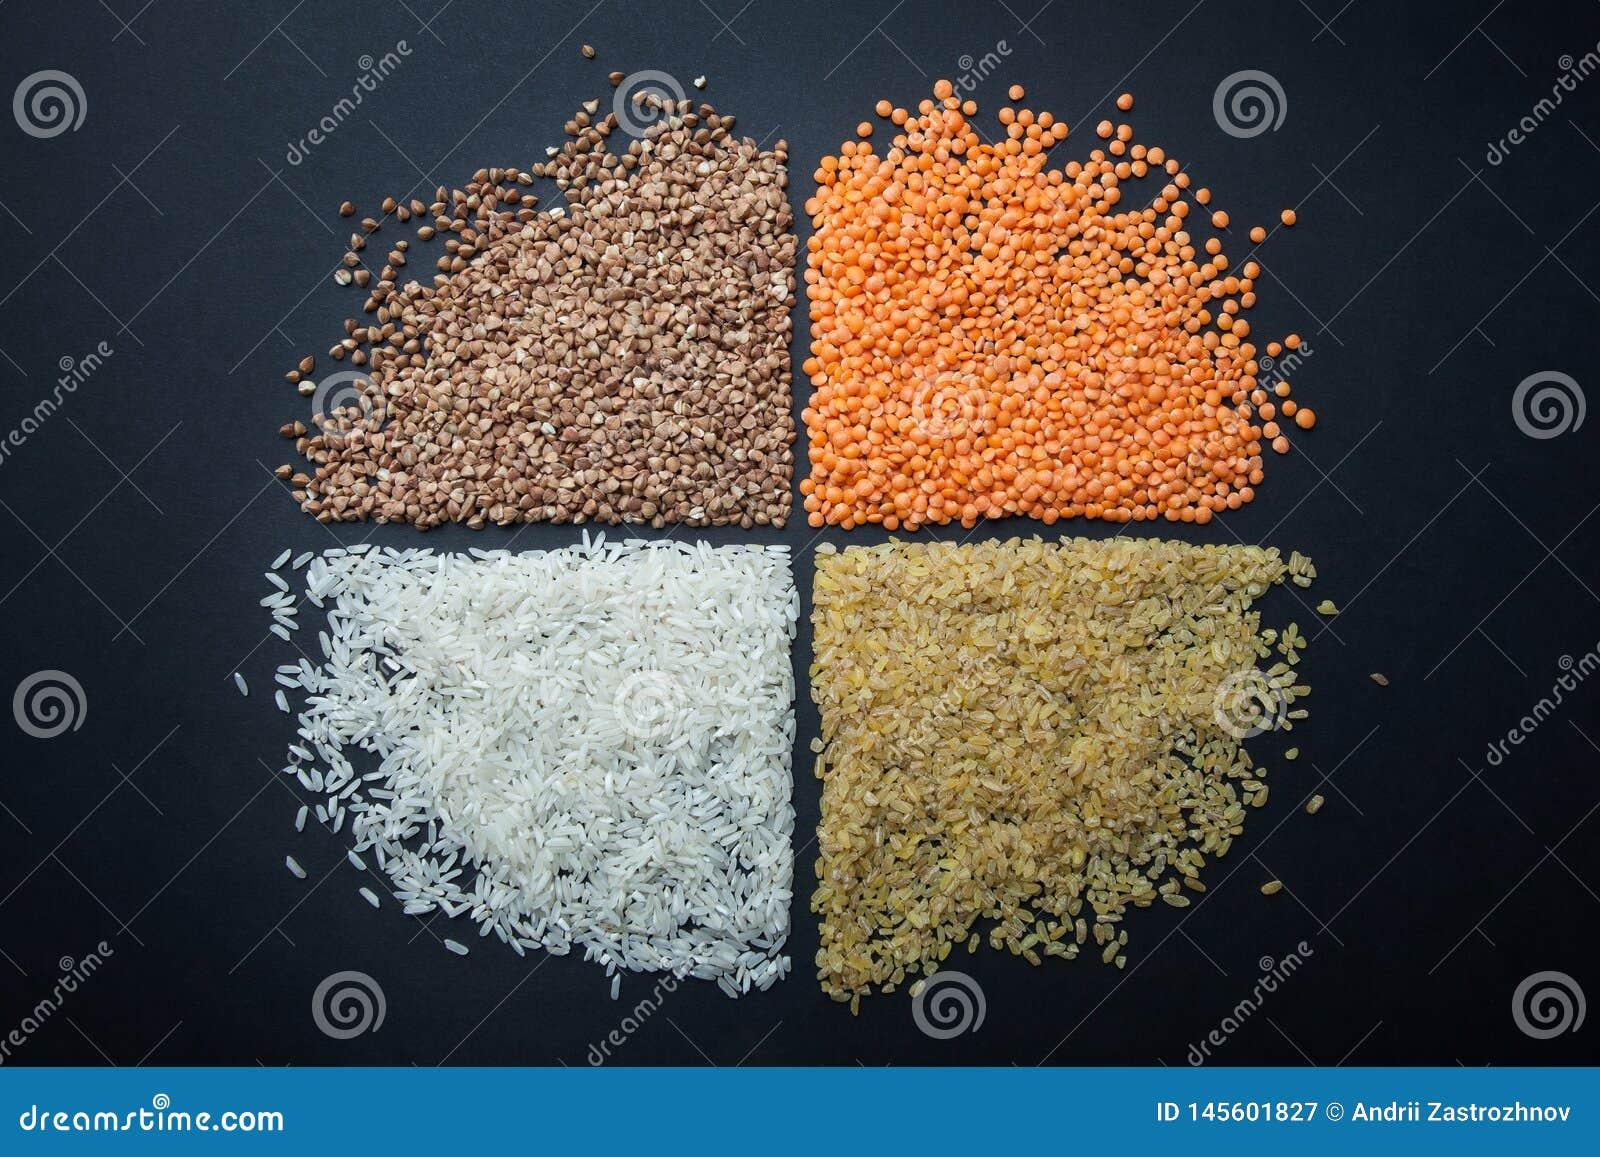 Una figura redonda de cereales dietéticos y vegetarianos: lentejas, arroz, bulgur y alforfón